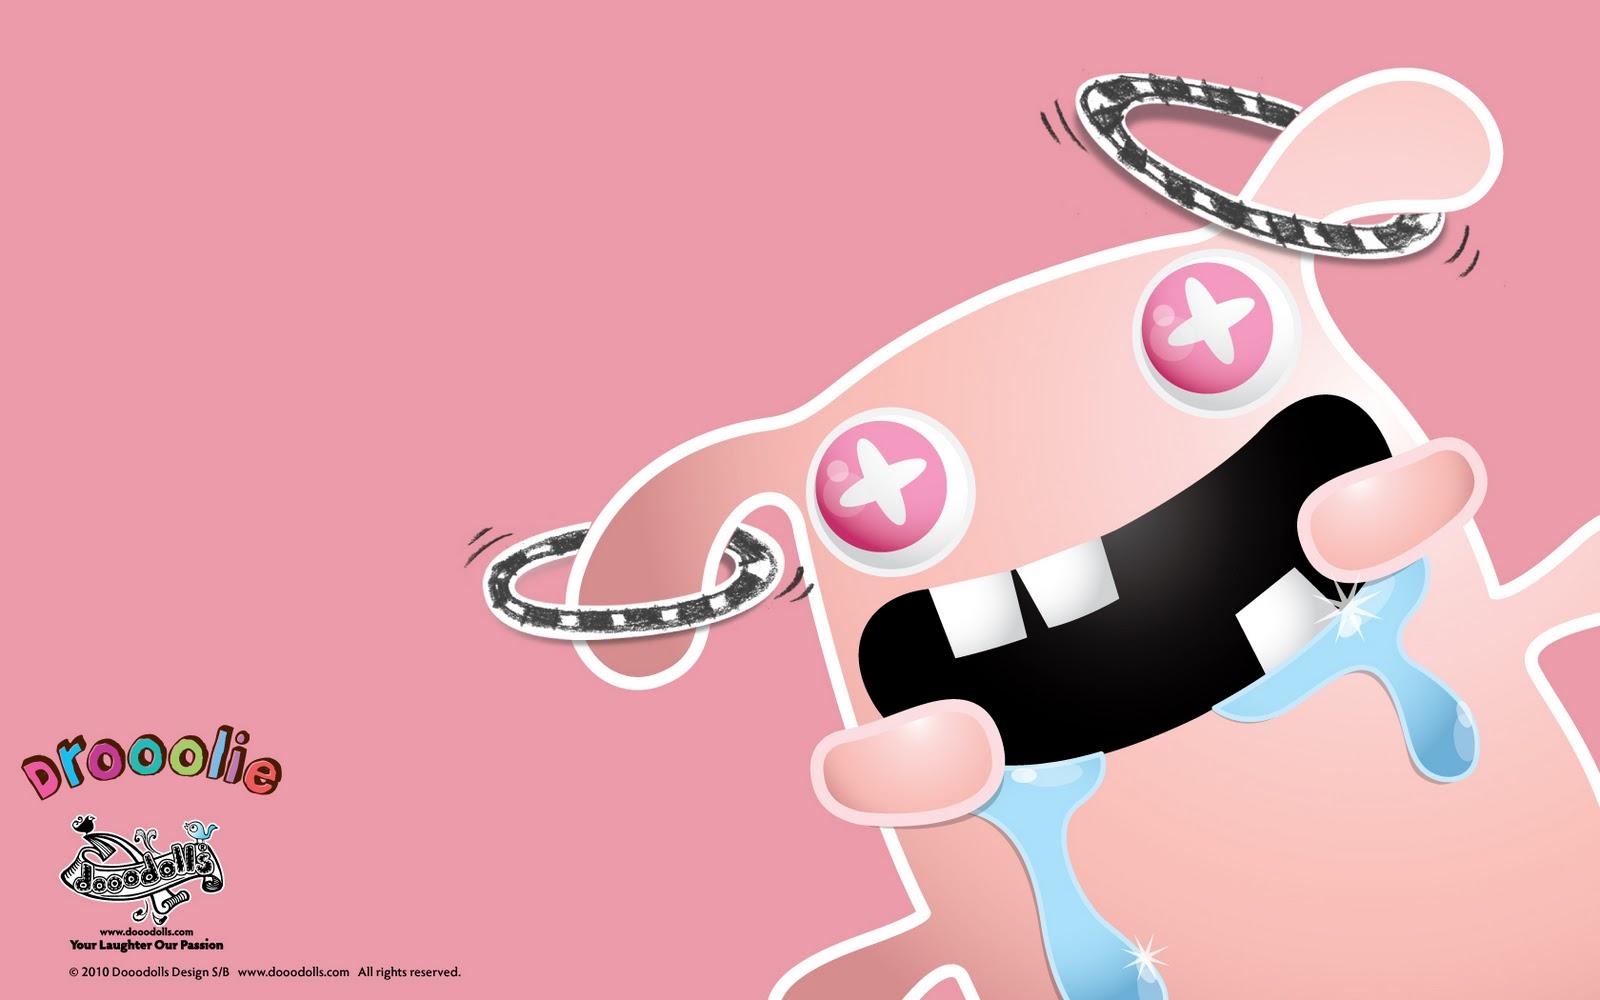 http://3.bp.blogspot.com/-W0UO-EOazLY/TuIYqsRpZJI/AAAAAAAAAQs/MHkpvEn24K4/s1600/design_20large.jpg